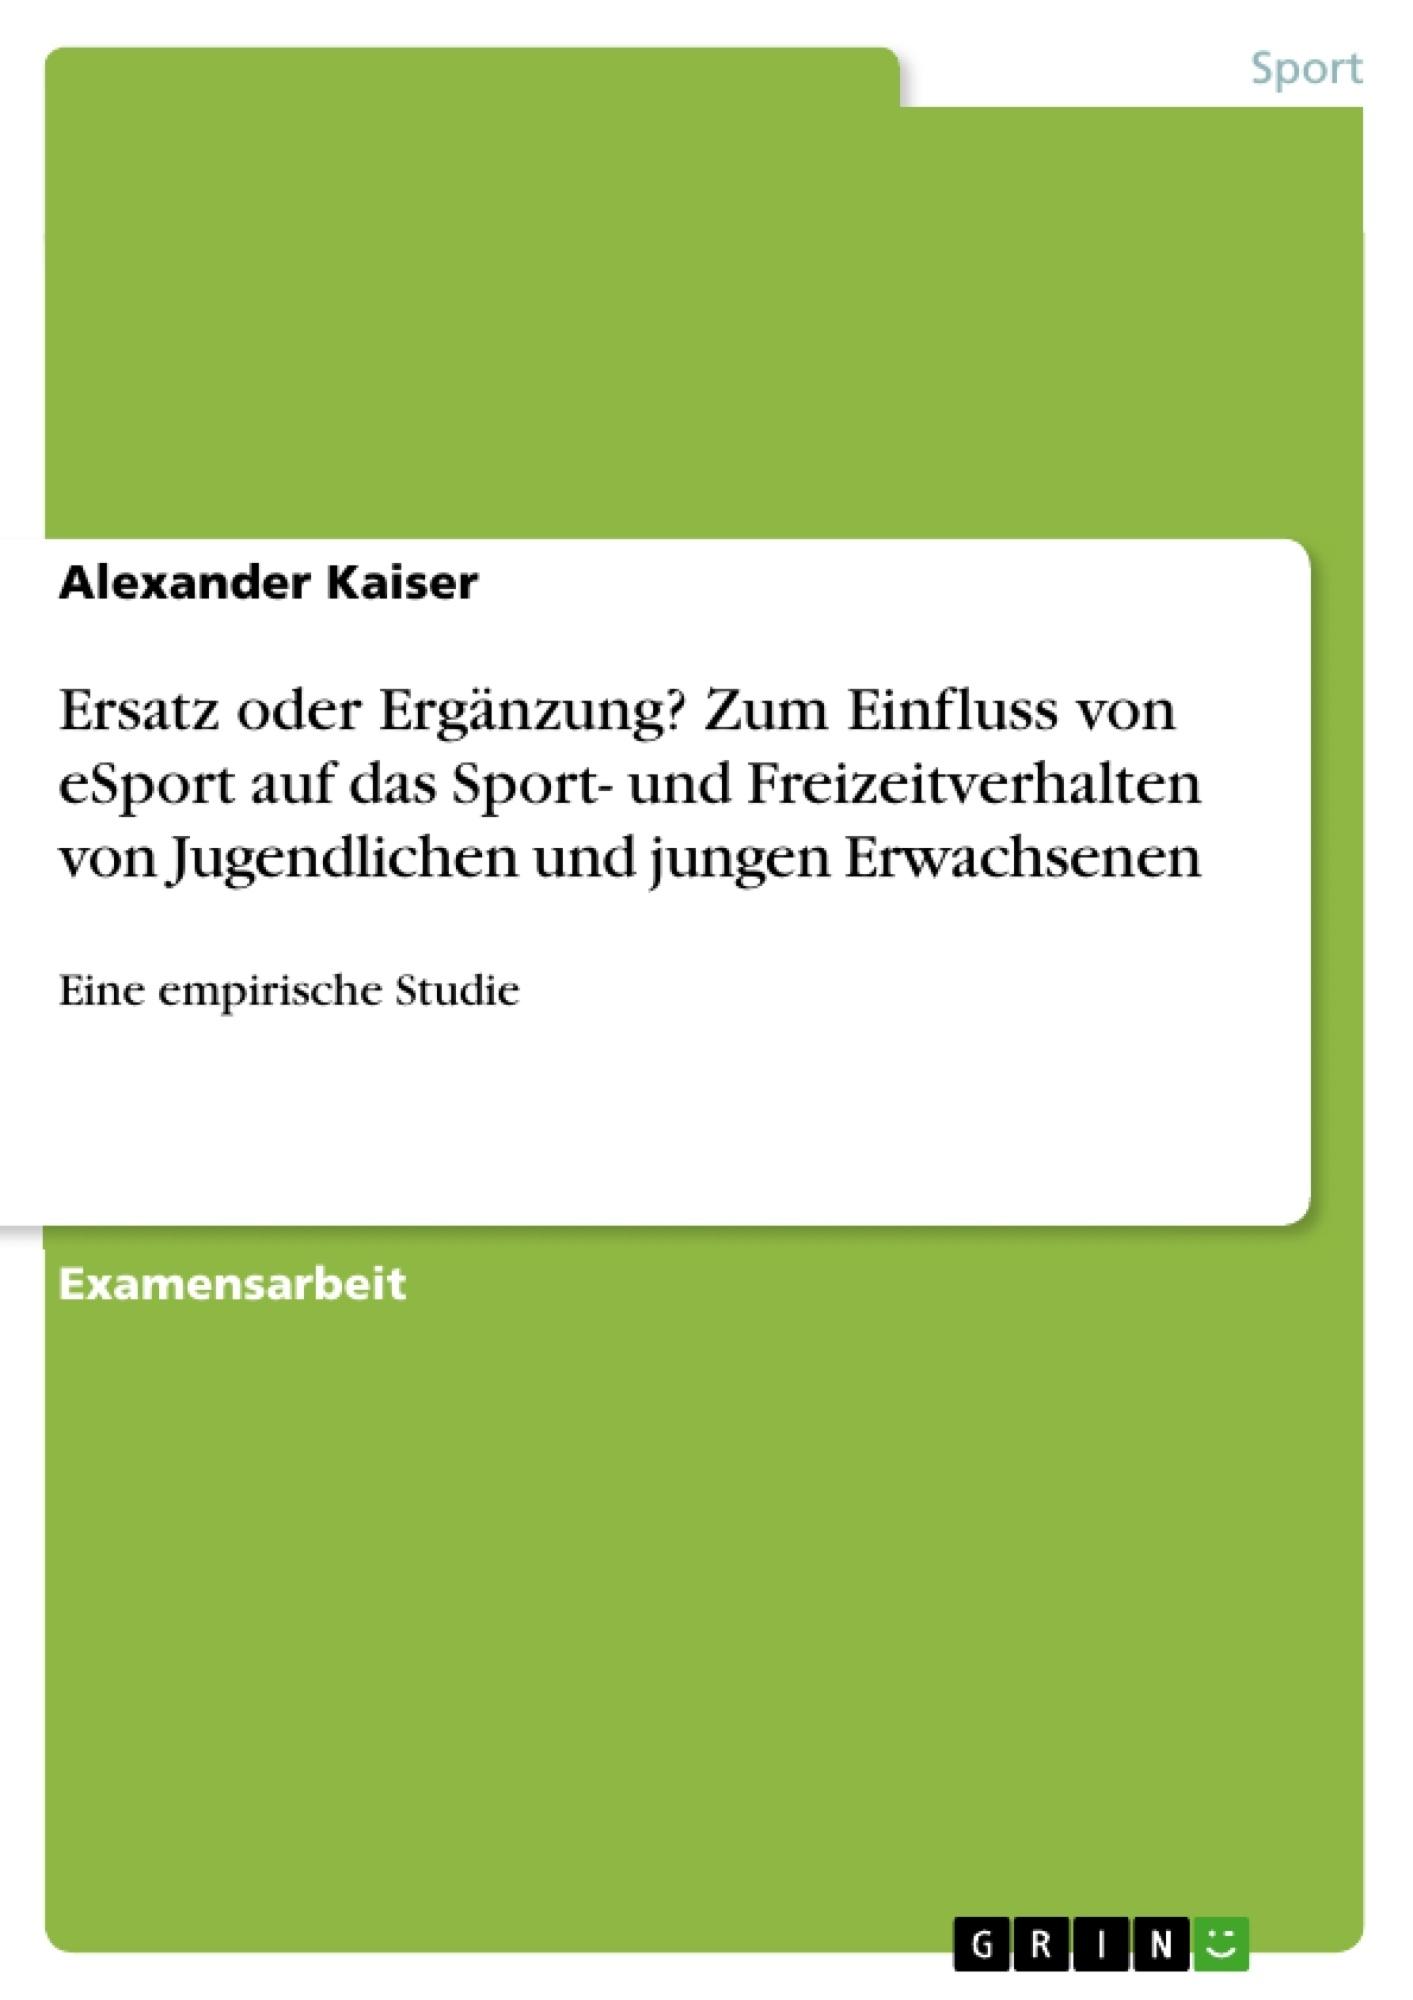 Titel: Ersatz oder Ergänzung? Zum Einfluss von eSport auf das Sport- und Freizeitverhalten von Jugendlichen und jungen Erwachsenen